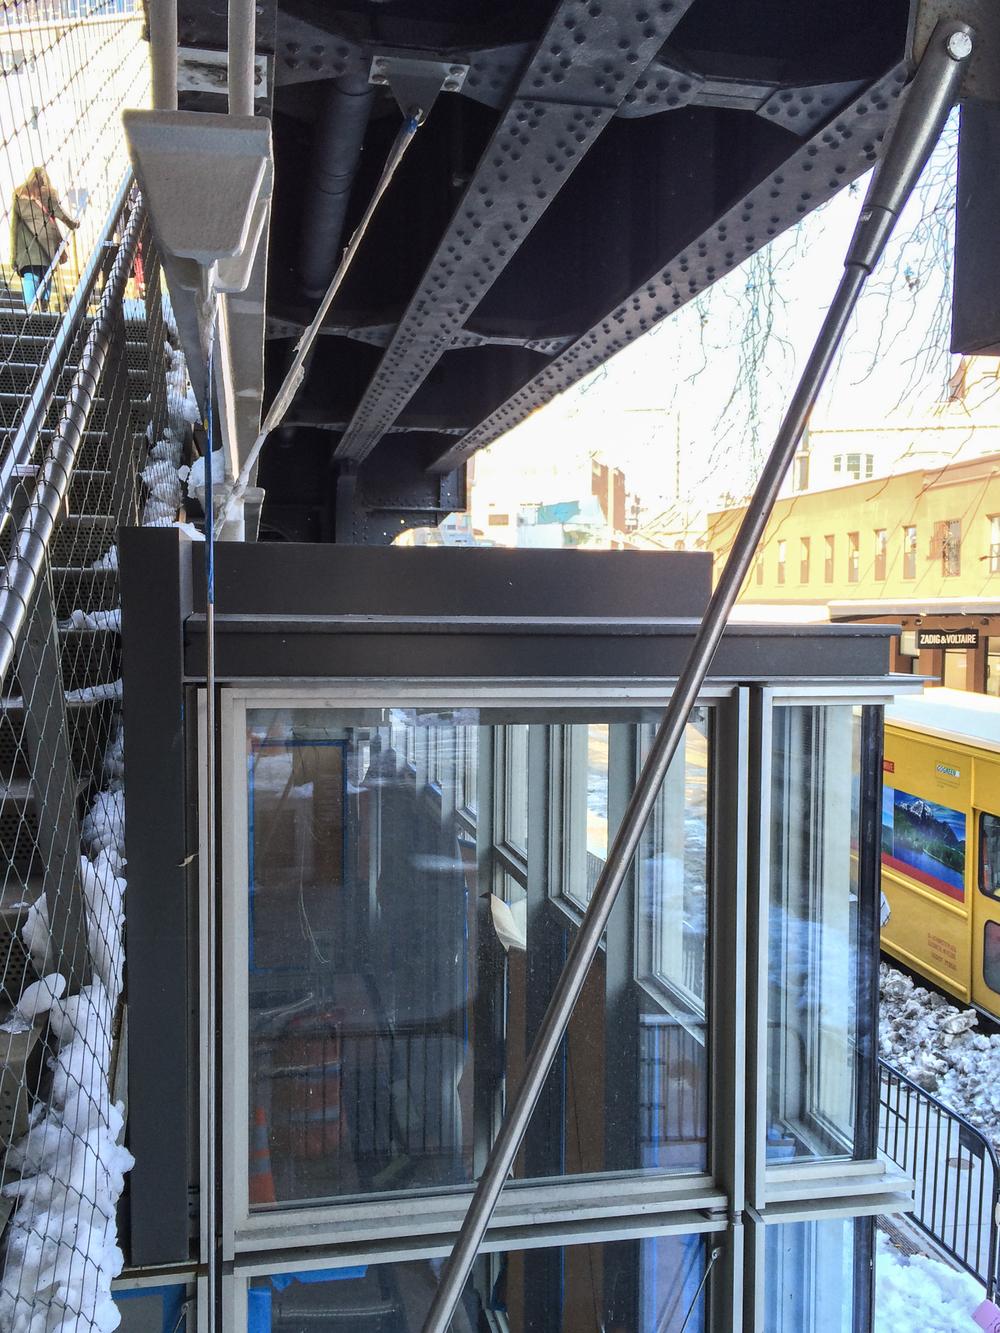 2014_02_07 High Line Restaurant 11.jpg